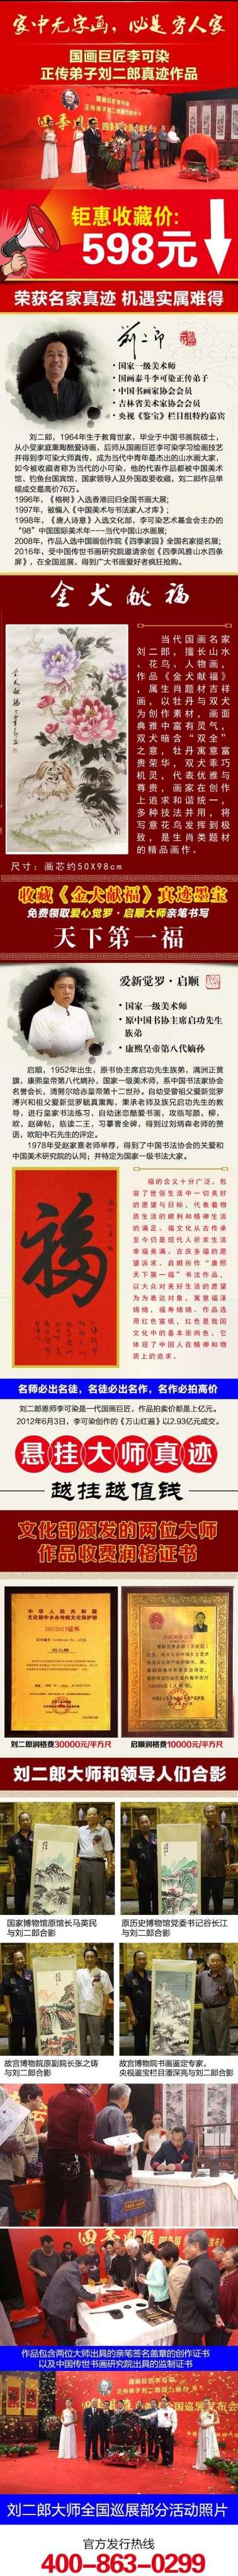 bj-pc_diary-1343635941-1524725362230-1623728321_747_6698.jpg